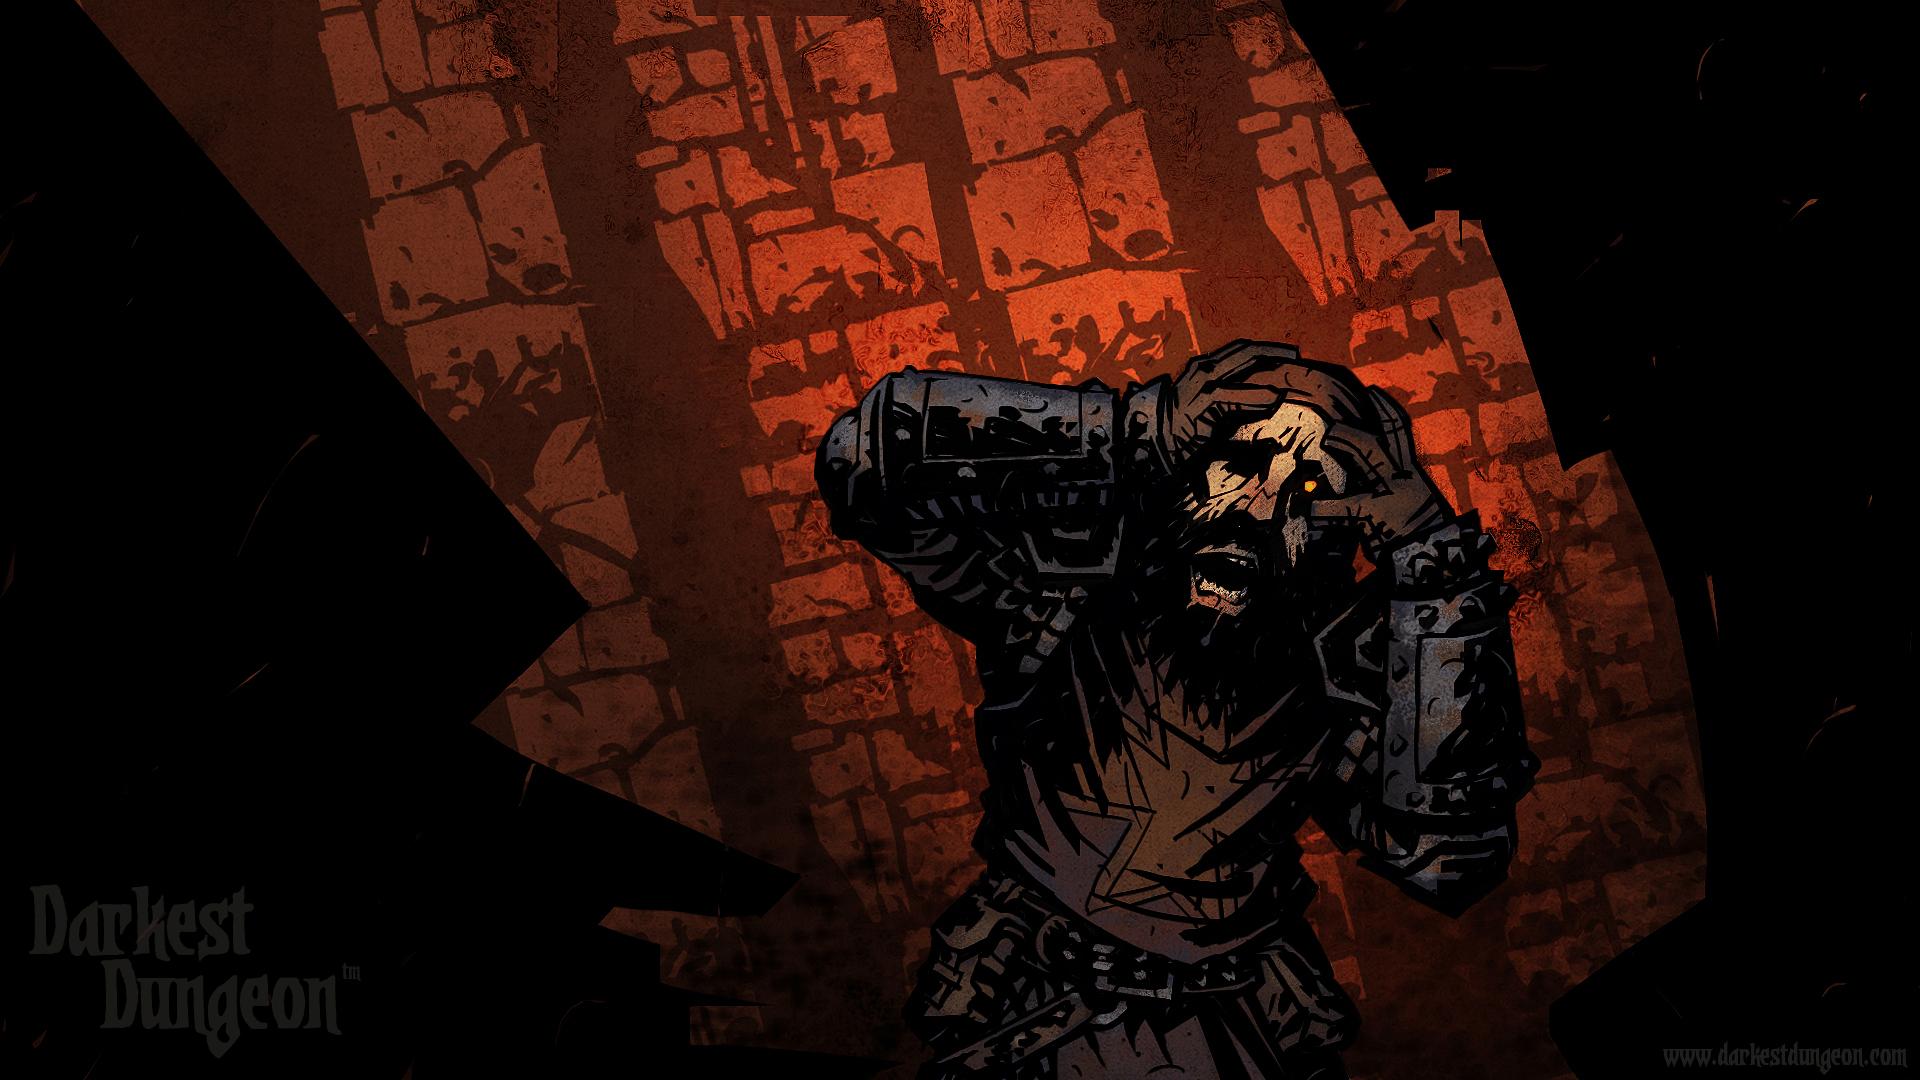 Darkest Dungeon – смерть, как двигатель прогресса. - Изображение 3